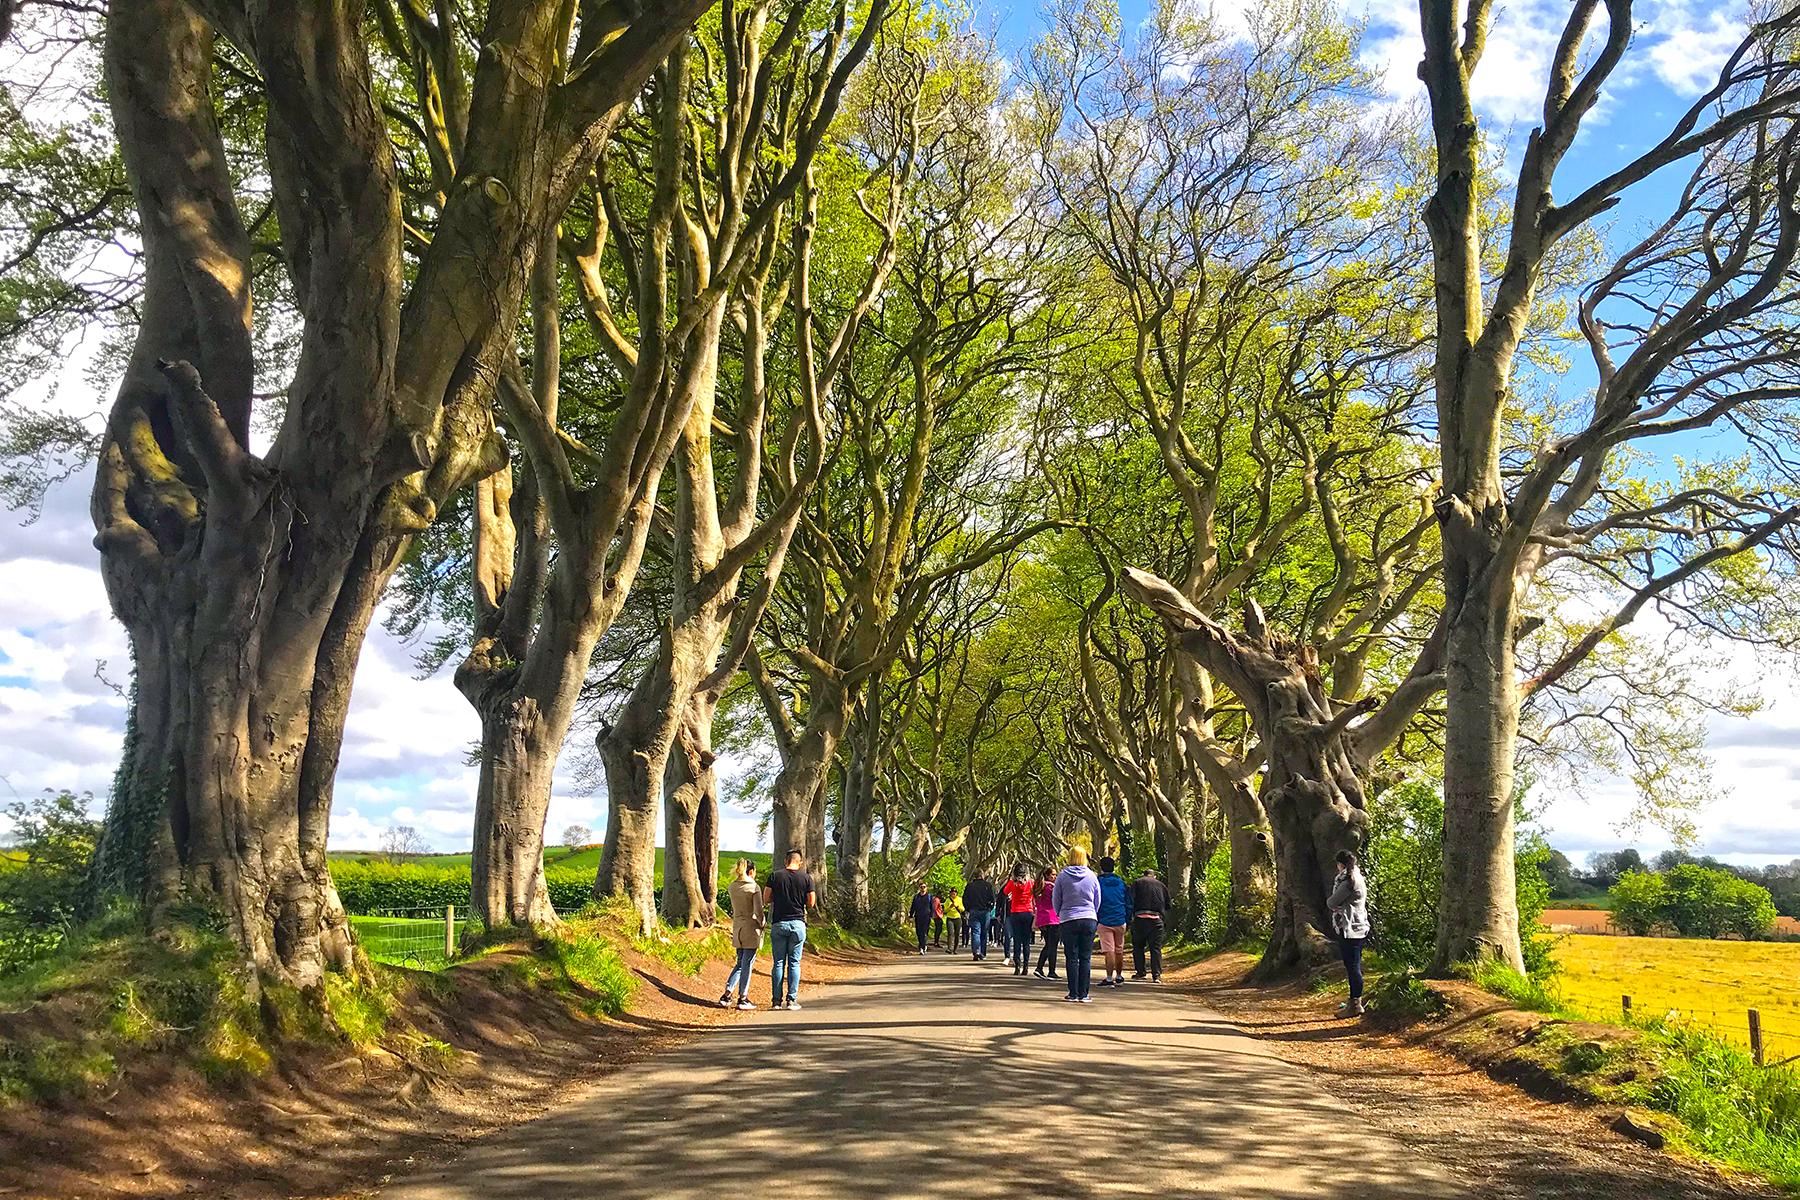 Game of Thrones-Drehorte: 20 Filmlocations in Nordirland, zu denen GOT-Fans reisen müssen